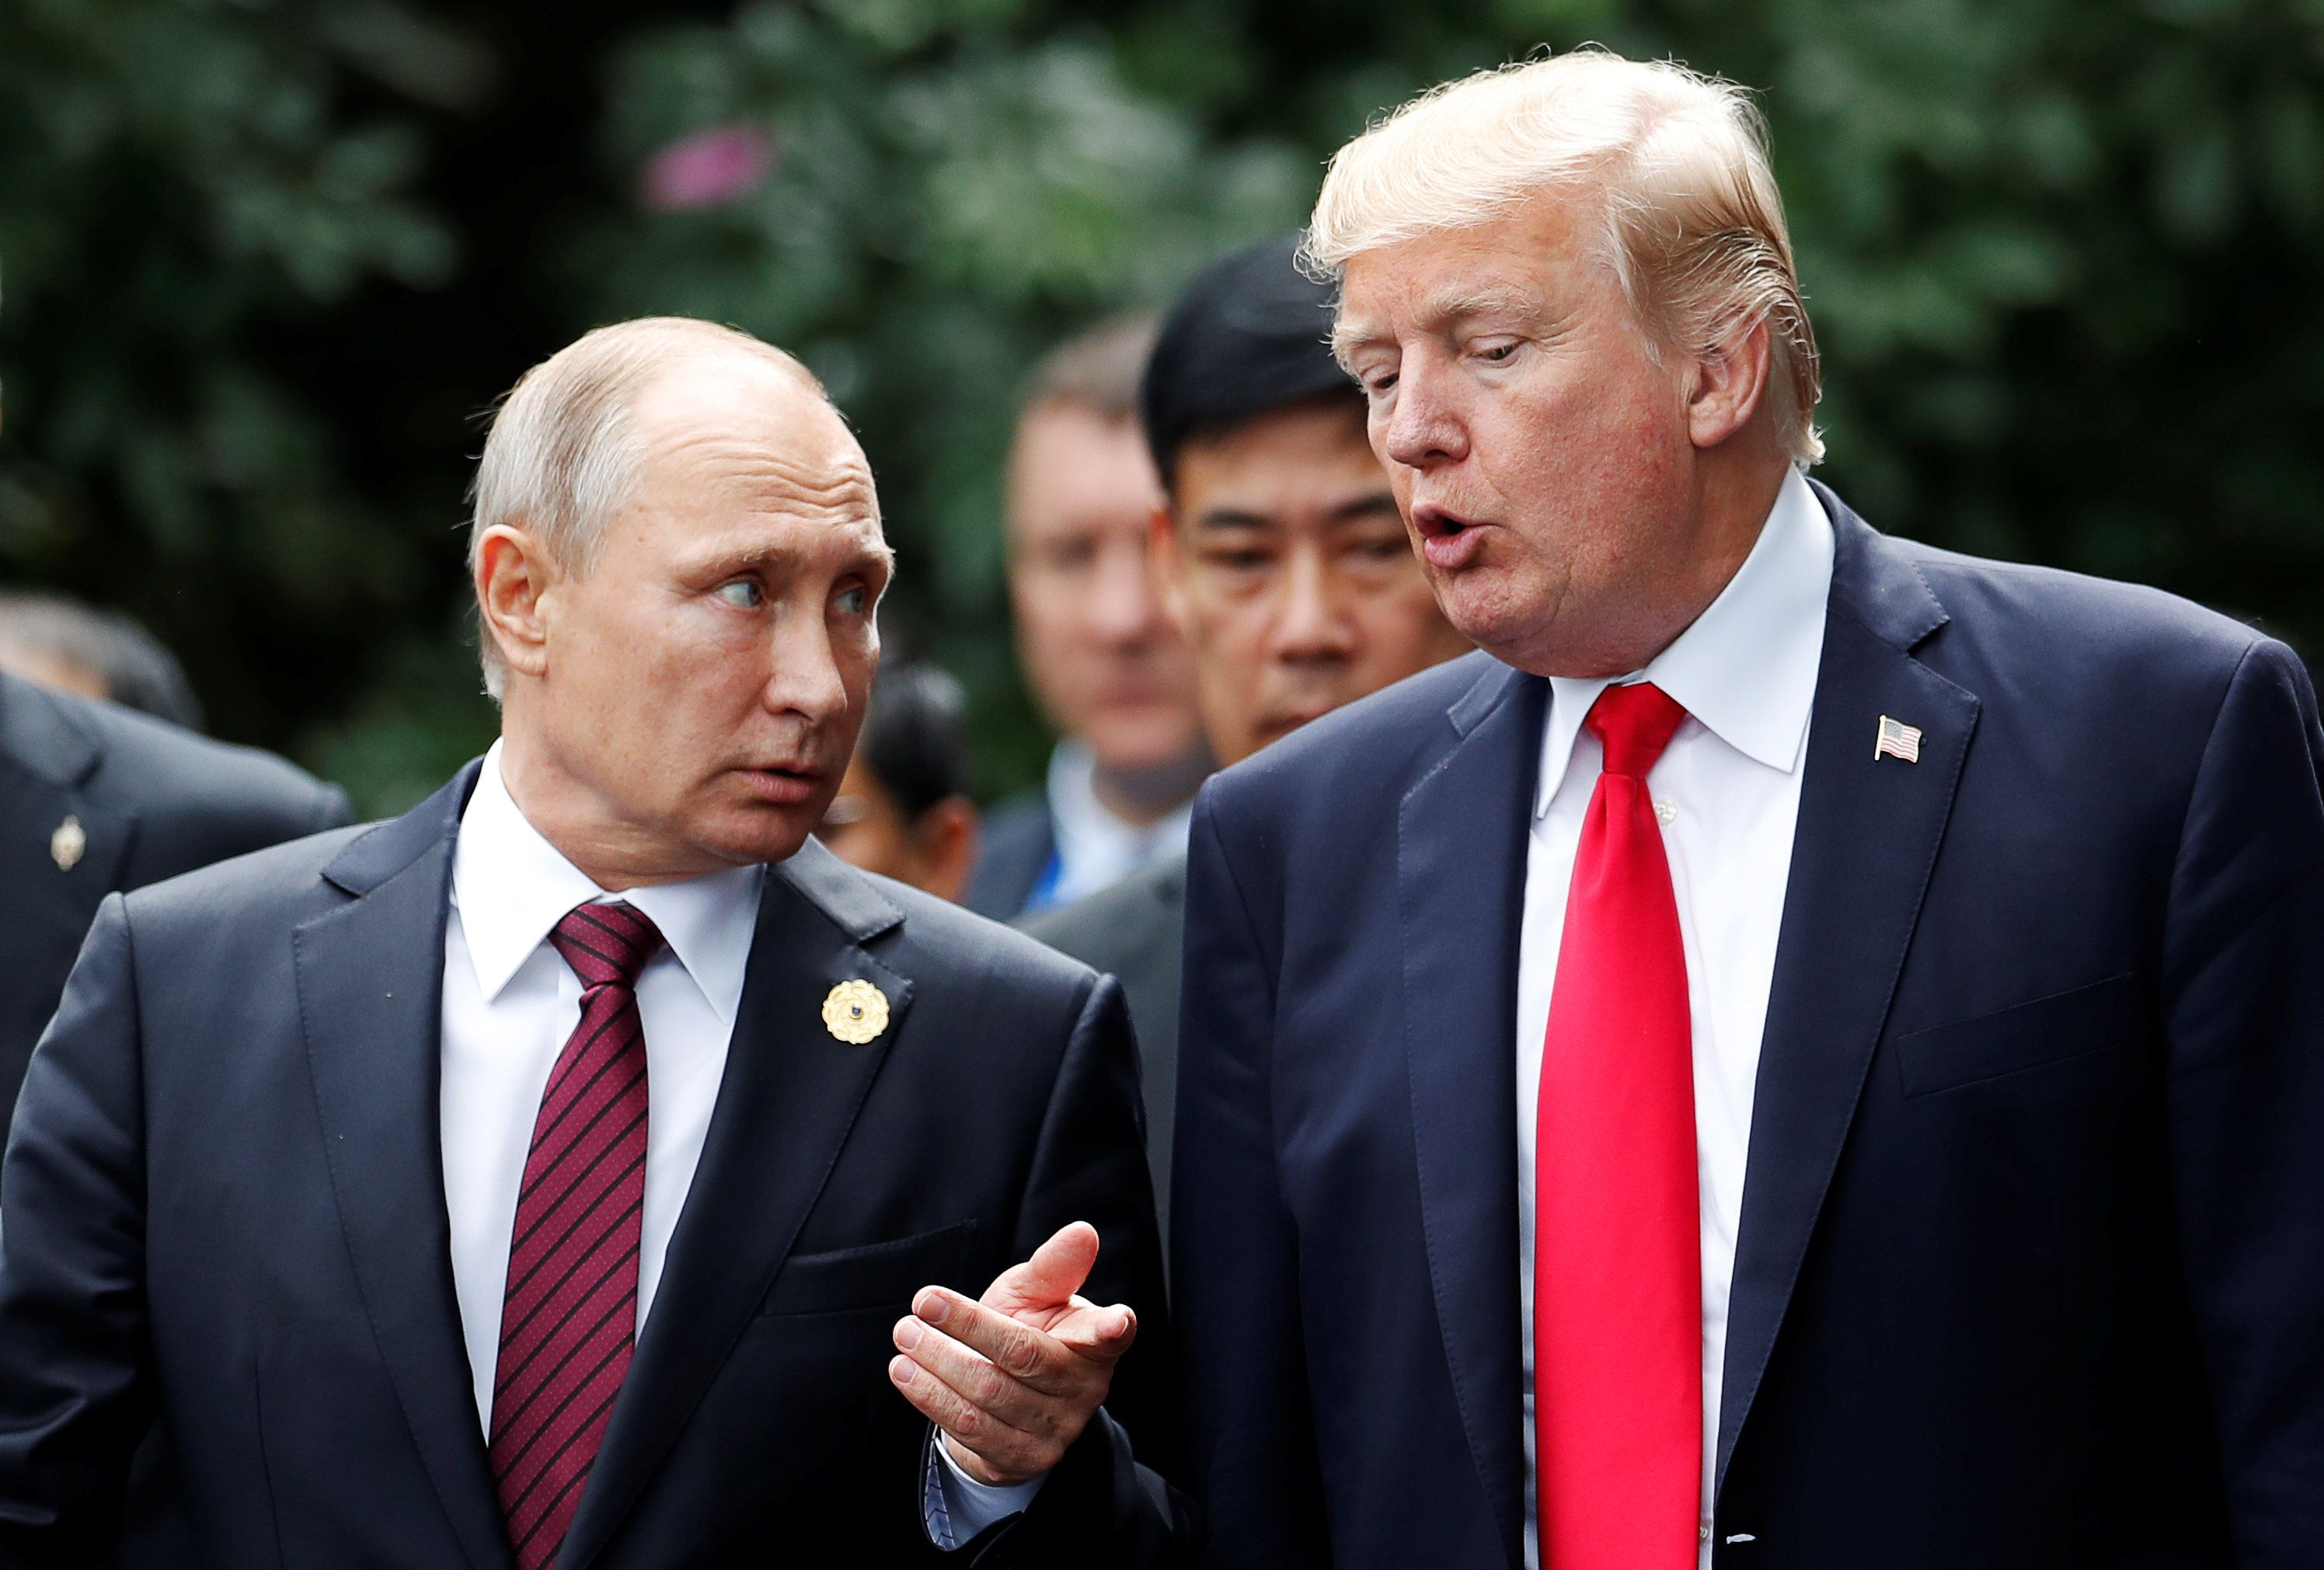 Дональд Трамп сказал, что поговорит с Владимиром Путиным об Украине